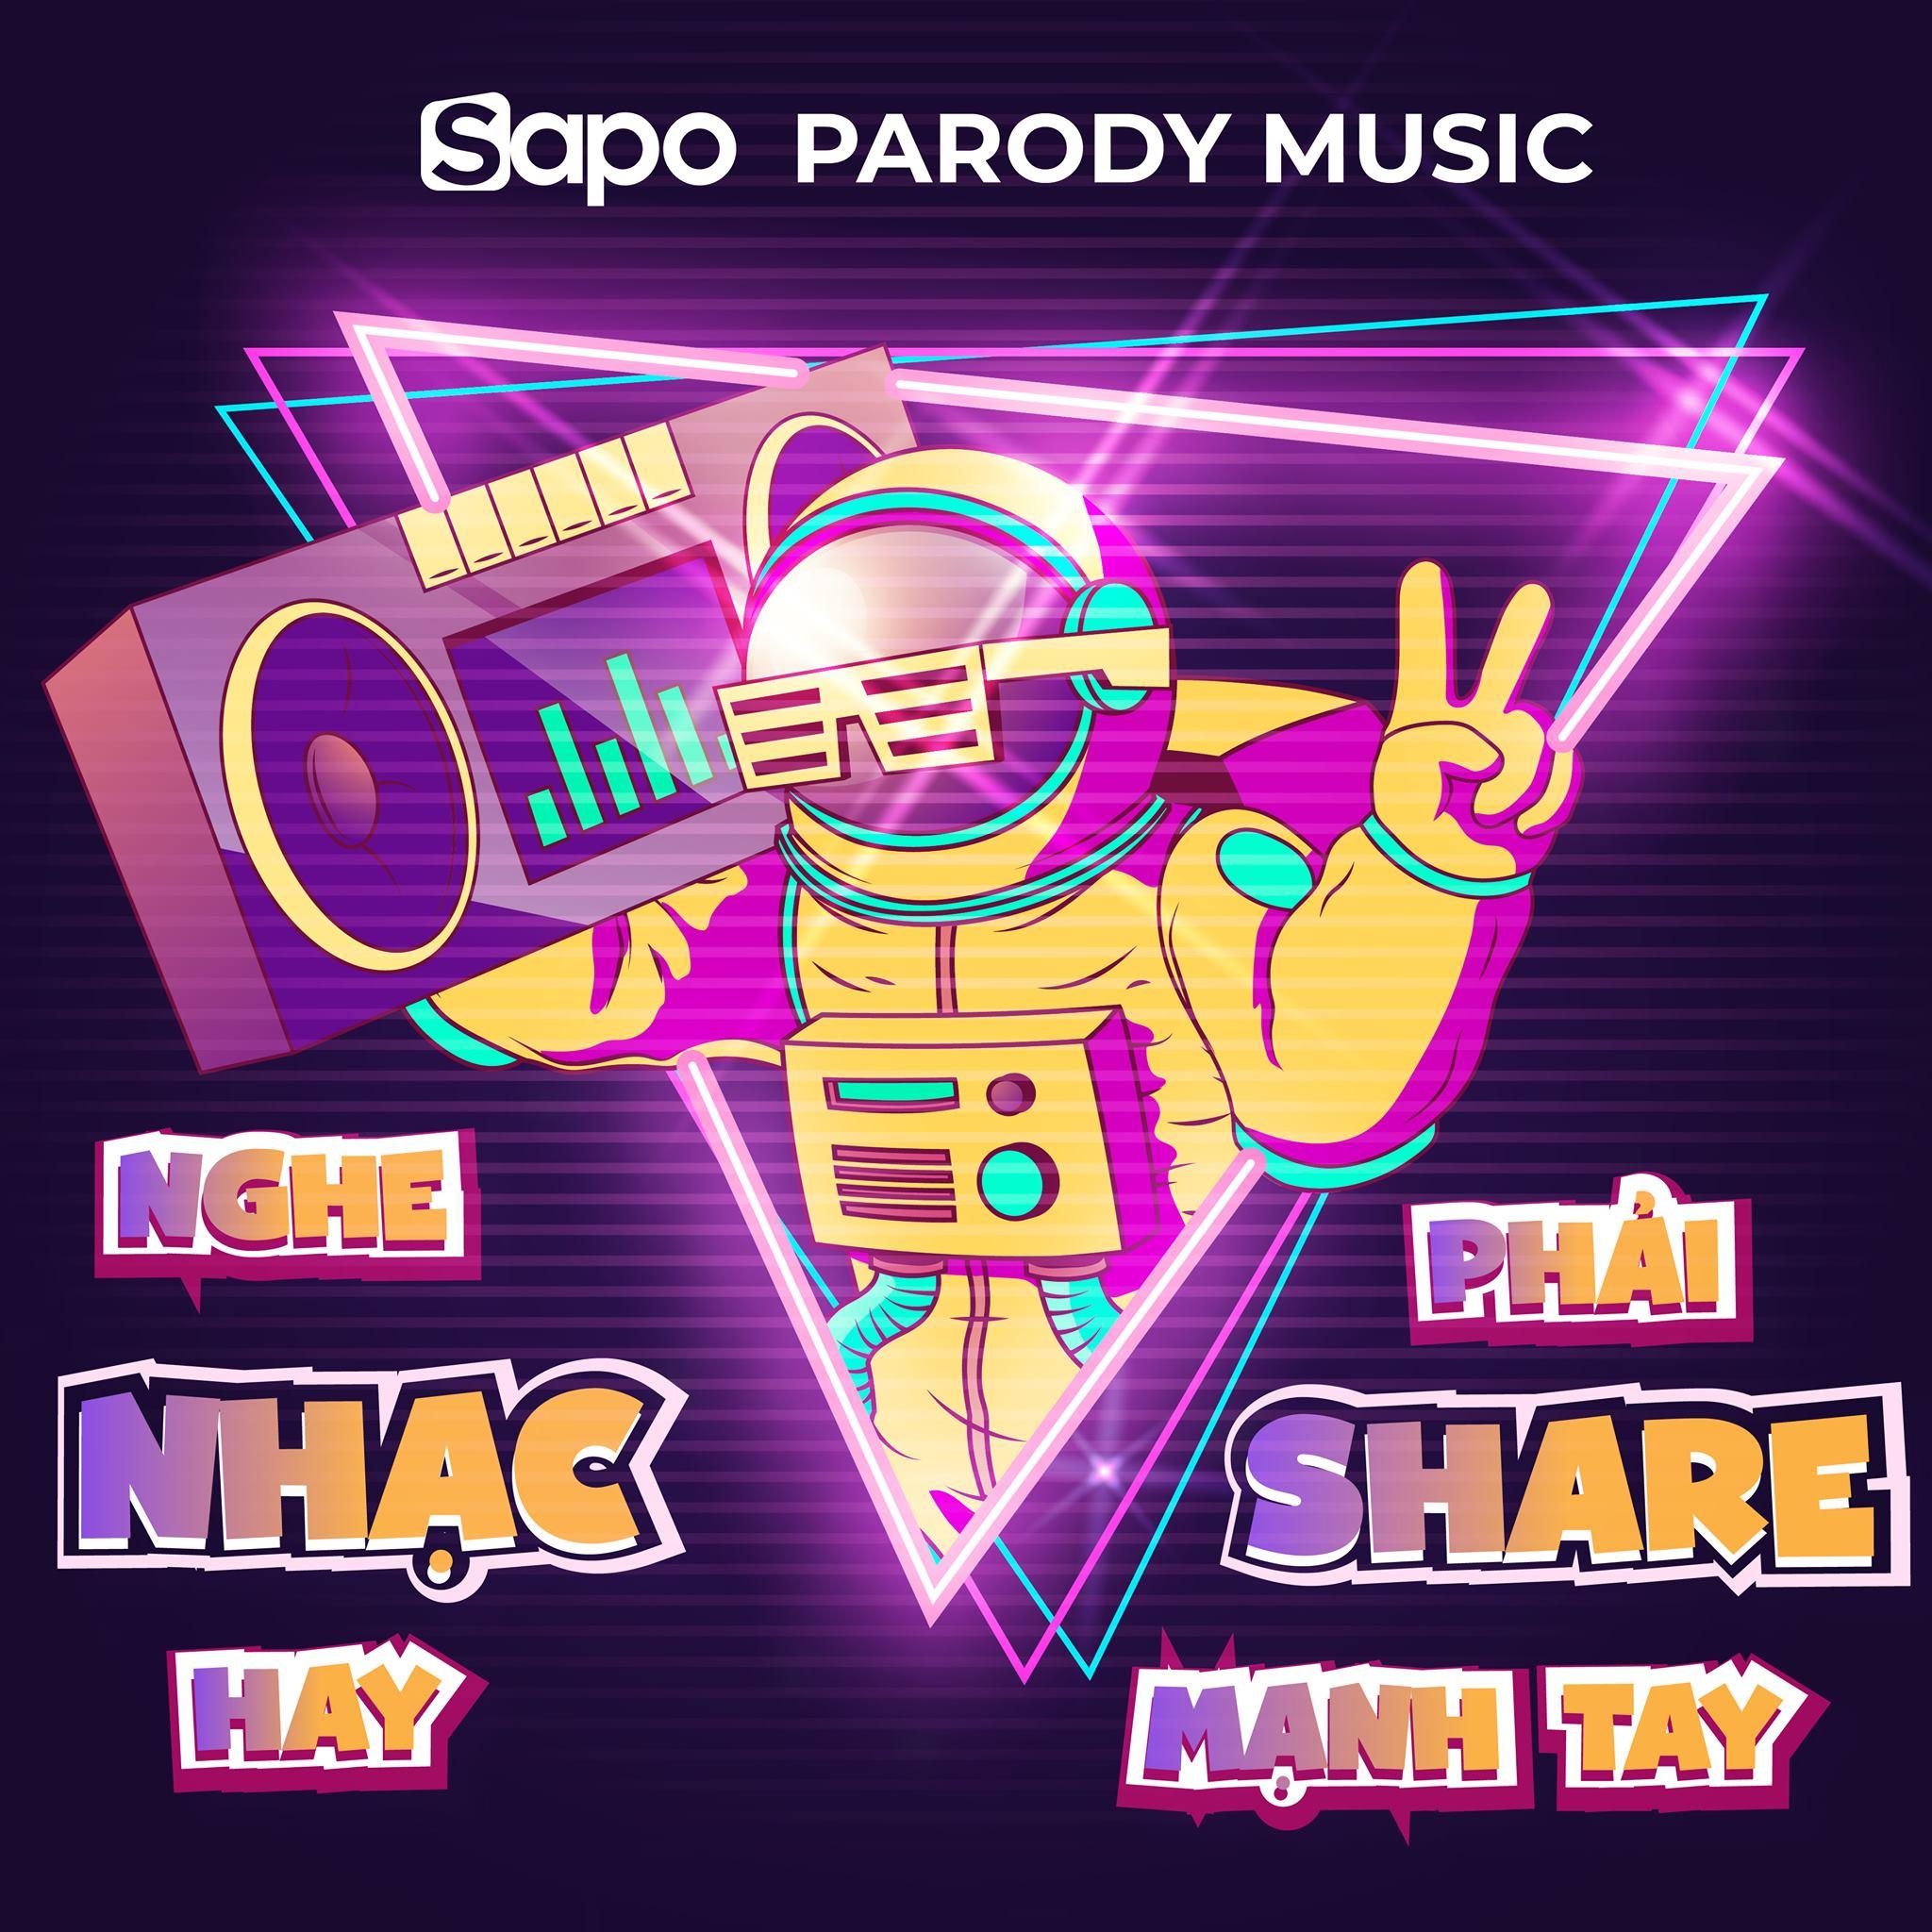 Sapo Parody Music: Nghe nhạc hay - Phải share mạnh tay